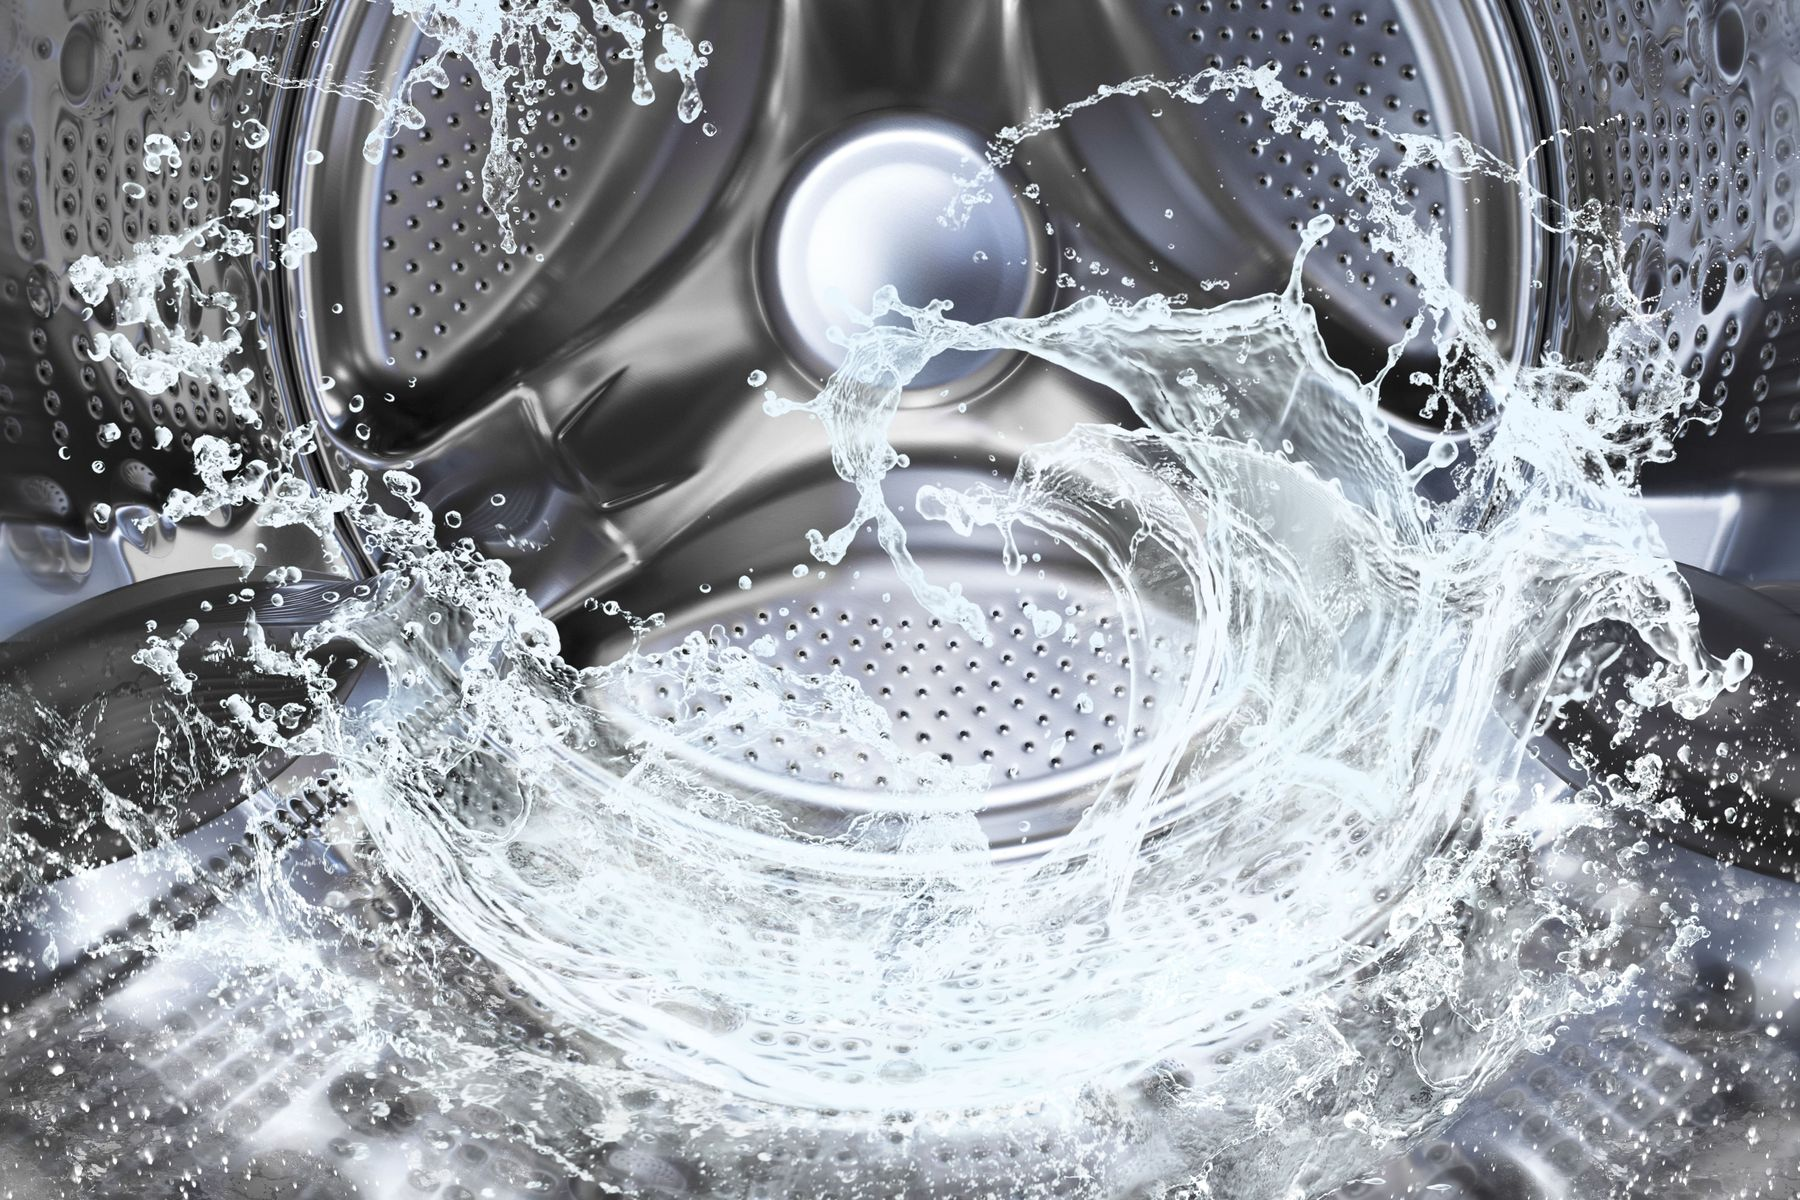 Sai lầm khi vệ sinh máy giặt chắc chắn bạn đang mắc phải